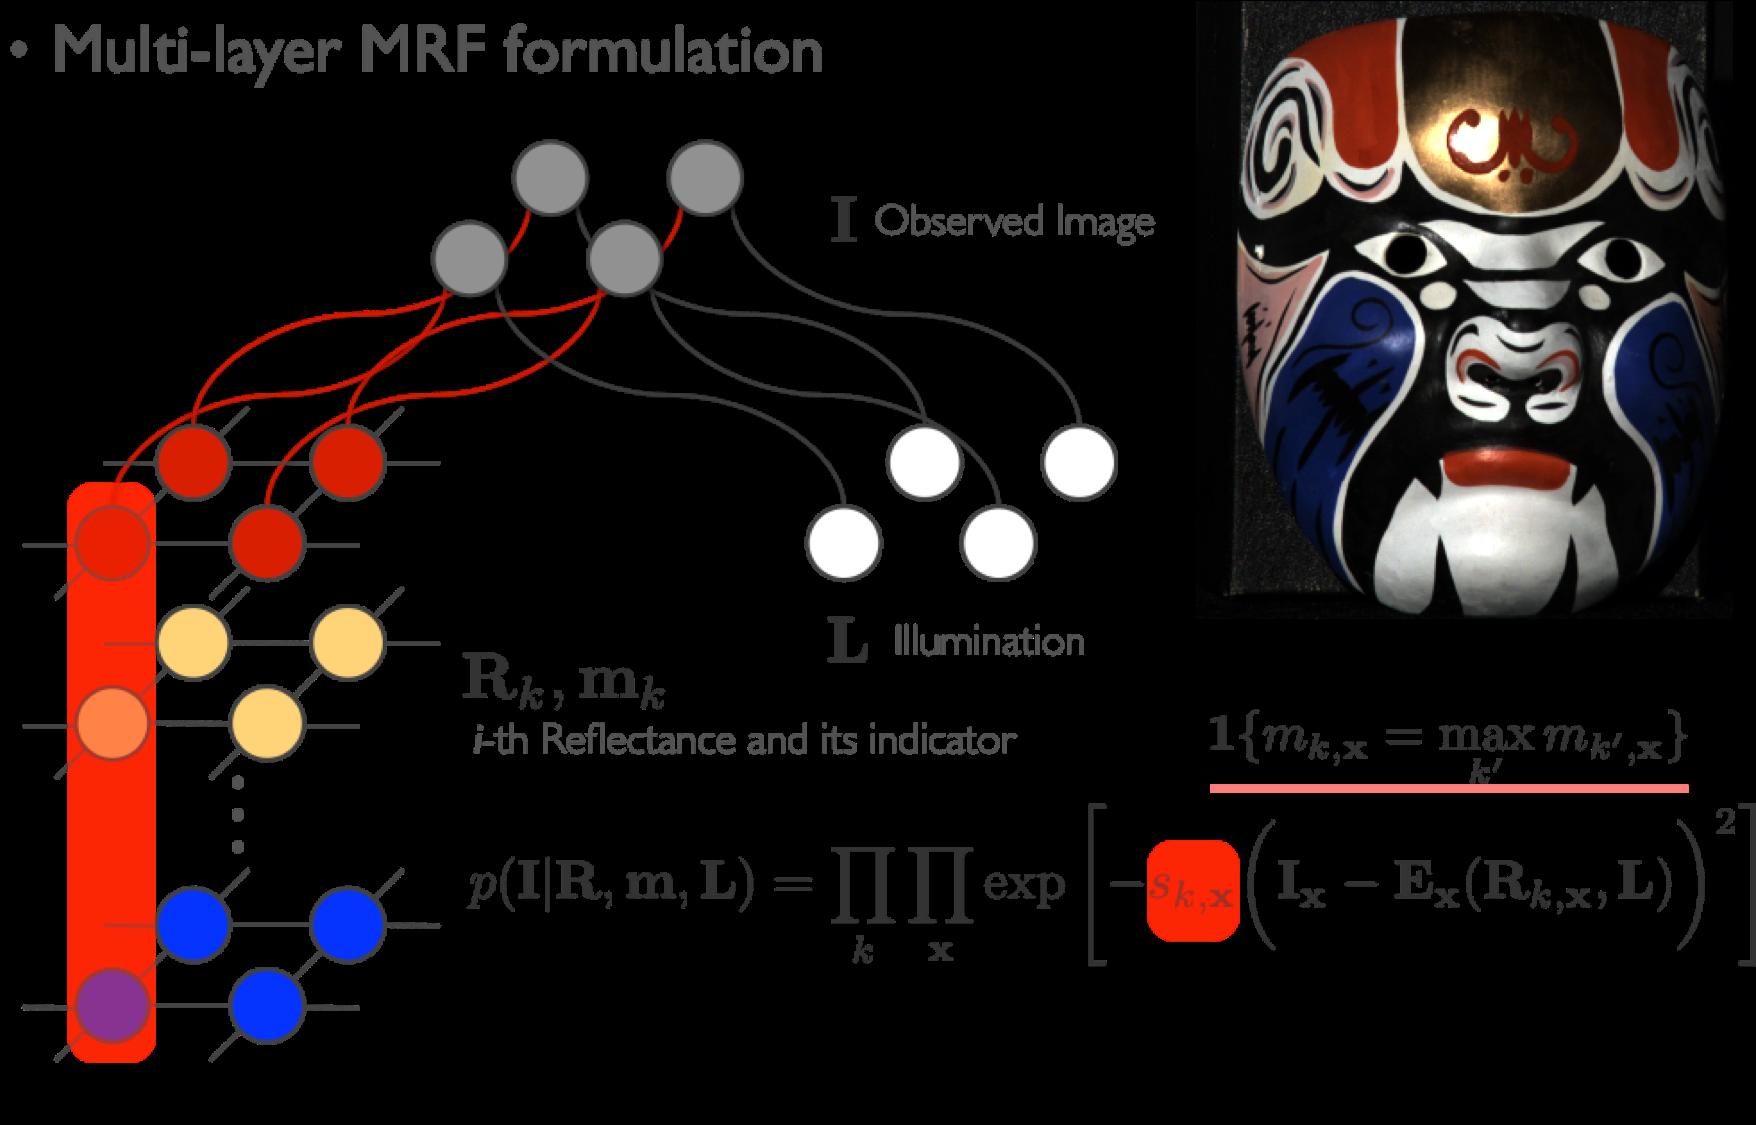 multimat mrf image